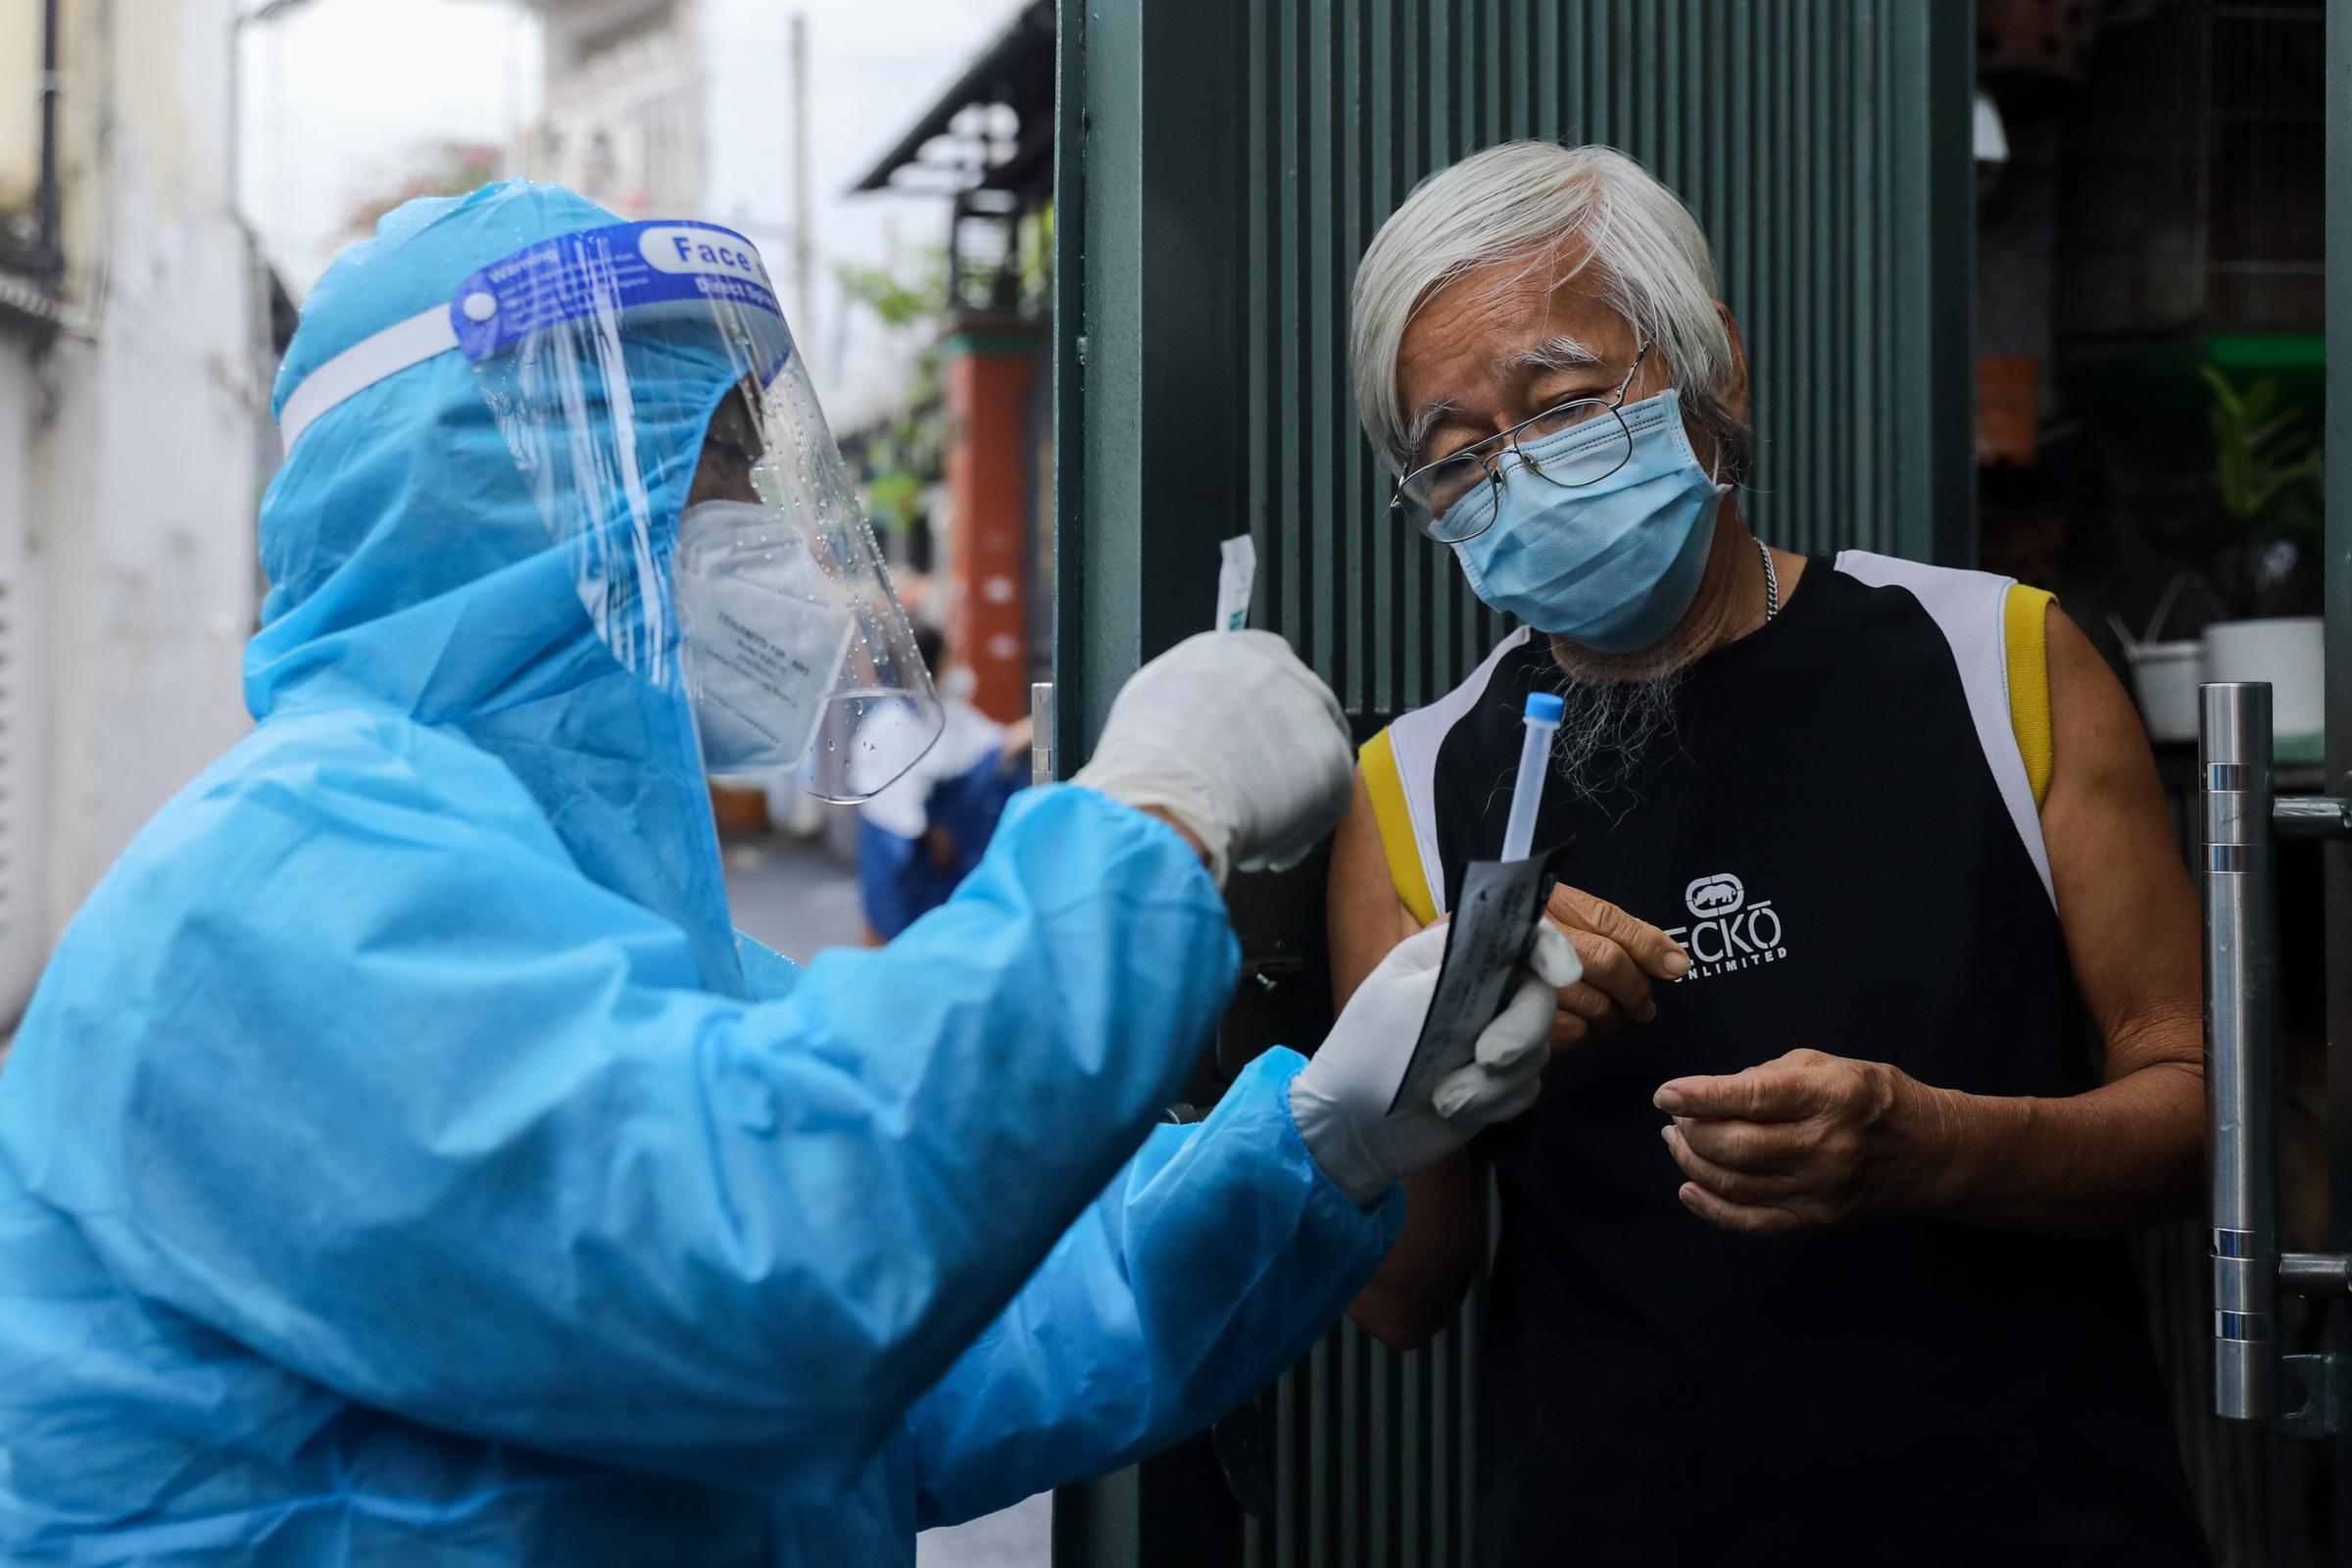 Tổ quân y cơ động ở phường 11, quận Bình Thạnh tiến hành lấy mẫu, hướng dẫn test nhanh cho người dân trong địa bàn, ngày 23/8. Ảnh: Quỳnh Trần